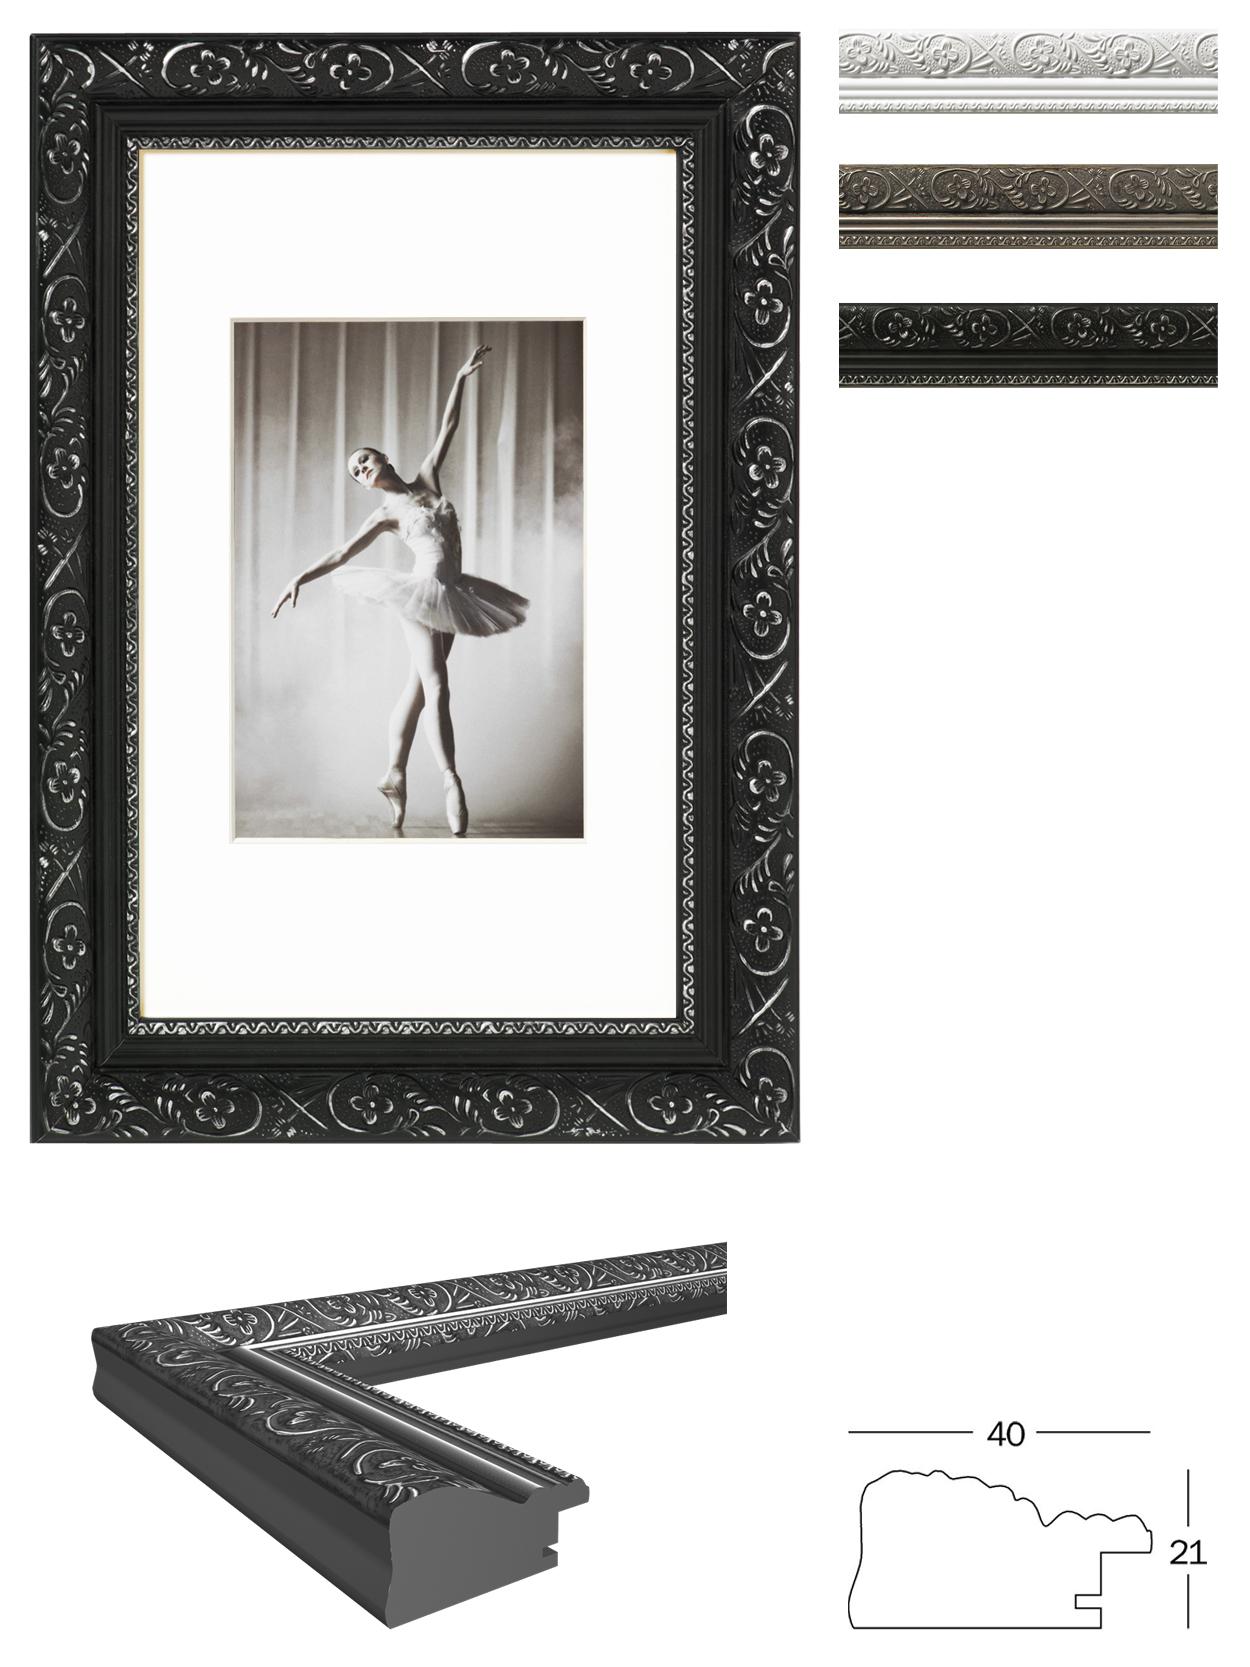 Holz-Bilderrahmen Barock von Walther | Bilderrahmenwerk